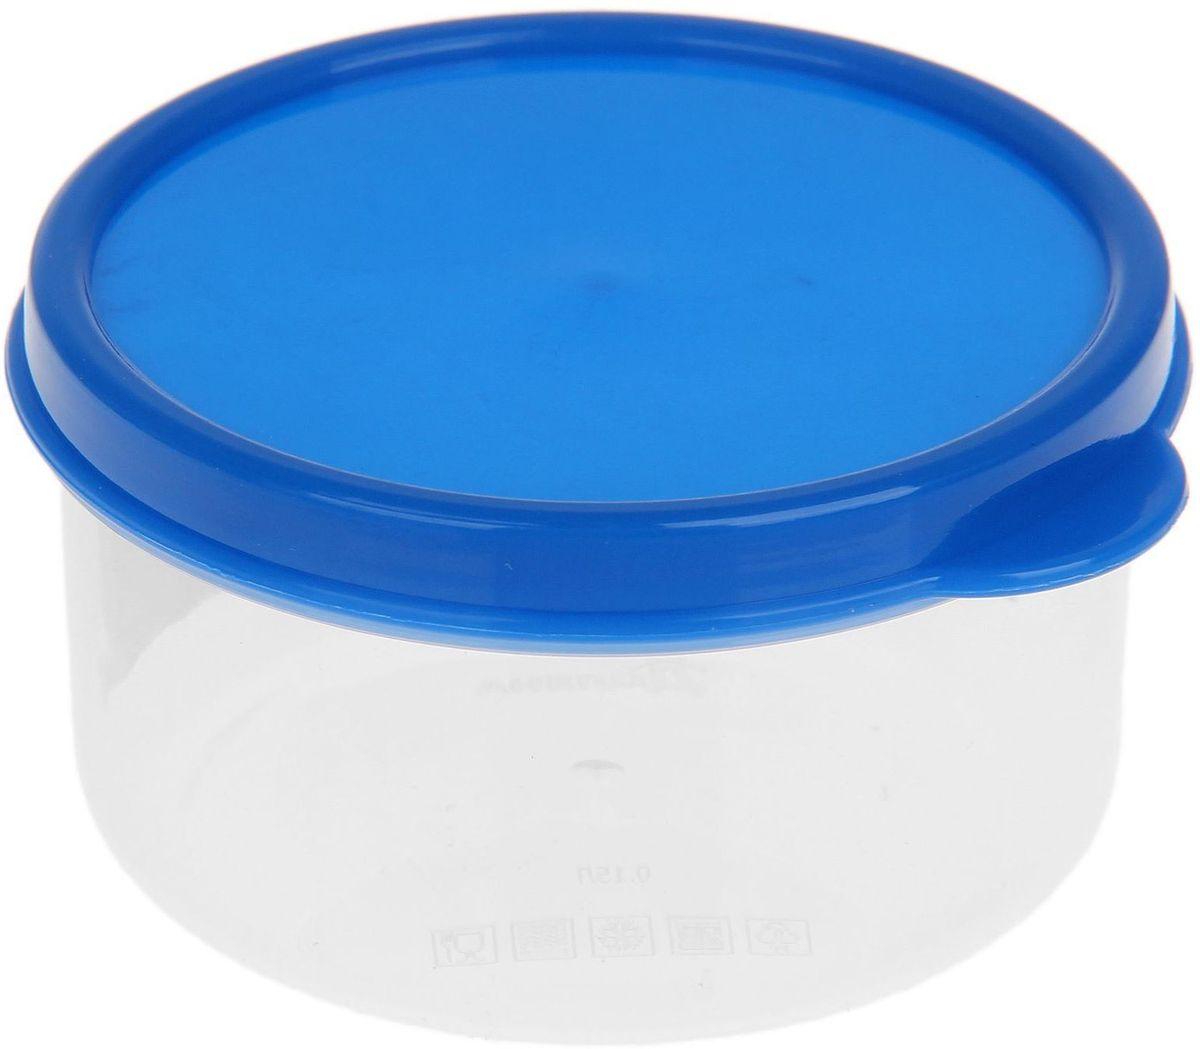 Контейнер пищевой Доляна, круглый, цвет: синий, 150 мл1333813Пищевой контейнер Доляна является незаменимым предметом кухонной утвари, ведь у него много преимуществ: - Простота ухода. Ланч-бокс достаточно промыть тёплой водой с небольшим количеством чистящего средства, и он снова готов к использованию. - Вместительность. Поможет разместить разнообразные продукты от сахара до супов. - Эргономичность. Ланч-бокс очень легко хранить даже в самой маленькой кухне. - Многофункциональность. Разнообразие цветов и форм делает возможным использование контейнеров не только на кухне, но и в другихобластях домашнего быта. В качестве материала для изготовления используется пластик, что делает процесс ухода за контейнером ещё более эффективным. К ланч-боксу вкомплекте прилагается крышка подходящего размера, это позволяет плотно и надёжно удерживать запах еды и упрощаетпроцесс транспортировки. Рекомендуется соблюдать и меры предосторожности: не использовать пластиковые контейнеры в духовых шкафах и на открытом огне, атакже не разогревать в микроволновых печах при закрытой крышке ланч-бокса. Соблюдение мер безопасности позволит продлить срокэксплуатации и сохранить отличный внешний вид изделия. Эргономичный дизайн и многофункциональность таких контейнеров - вот, что является причиной большой популярности данного предмета укаждой хозяйки.